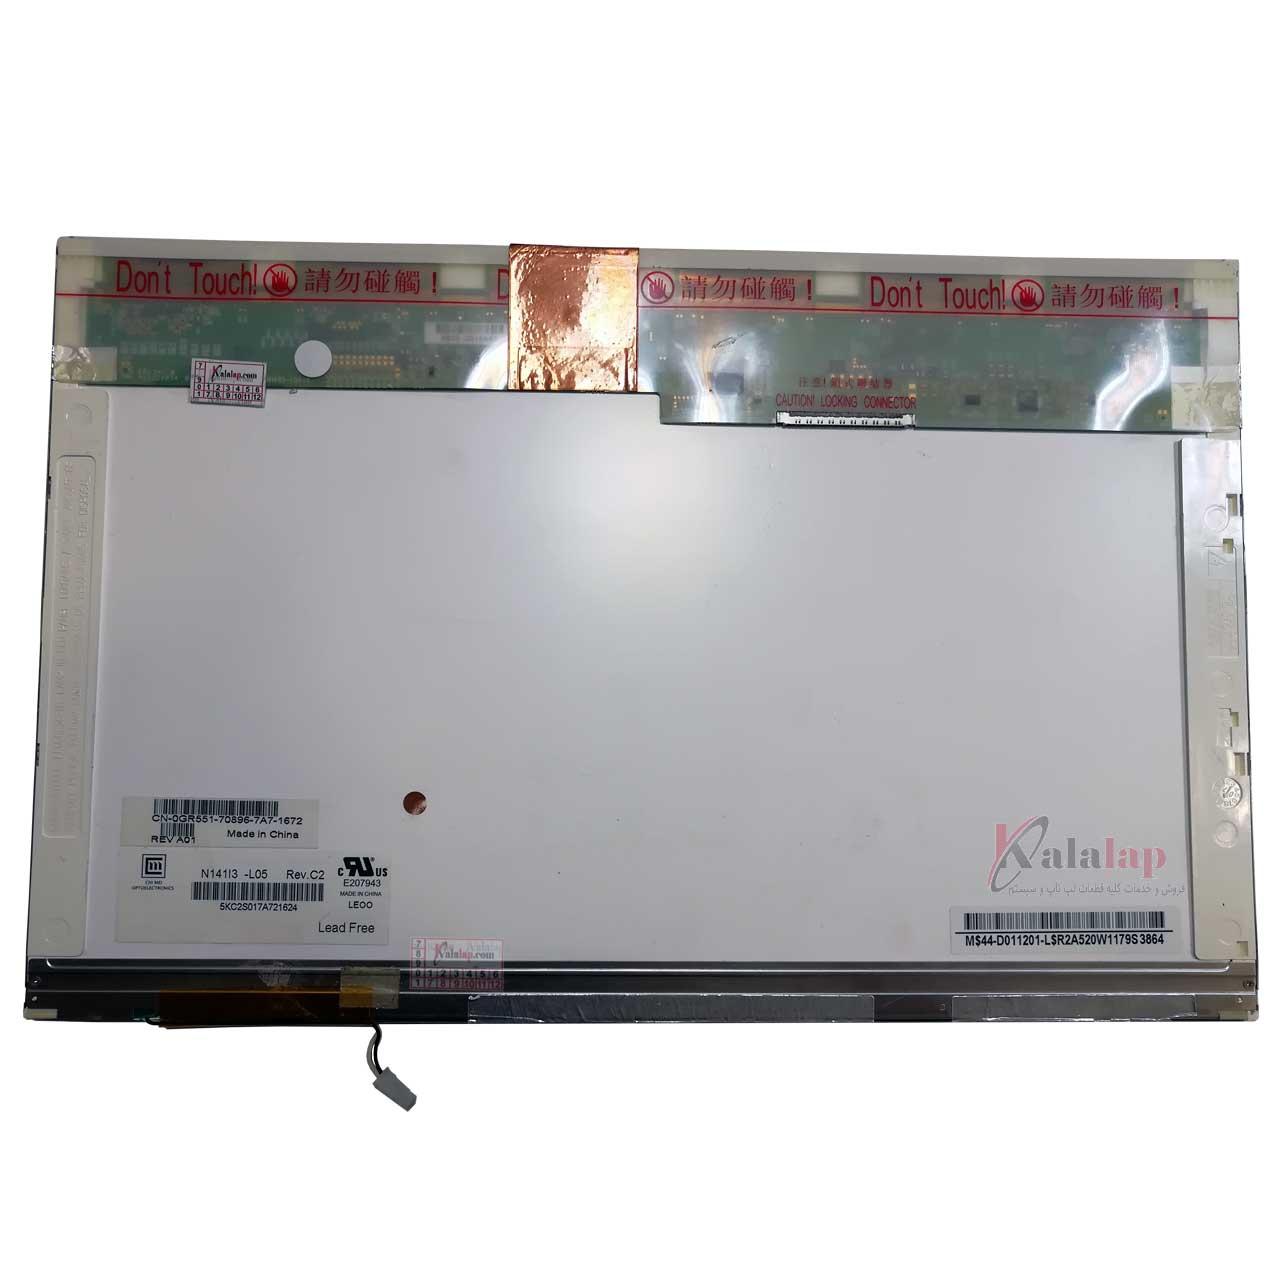 ال سی دی لپ تاپ LCD LAPTOP 14.1 WXGA 30pin